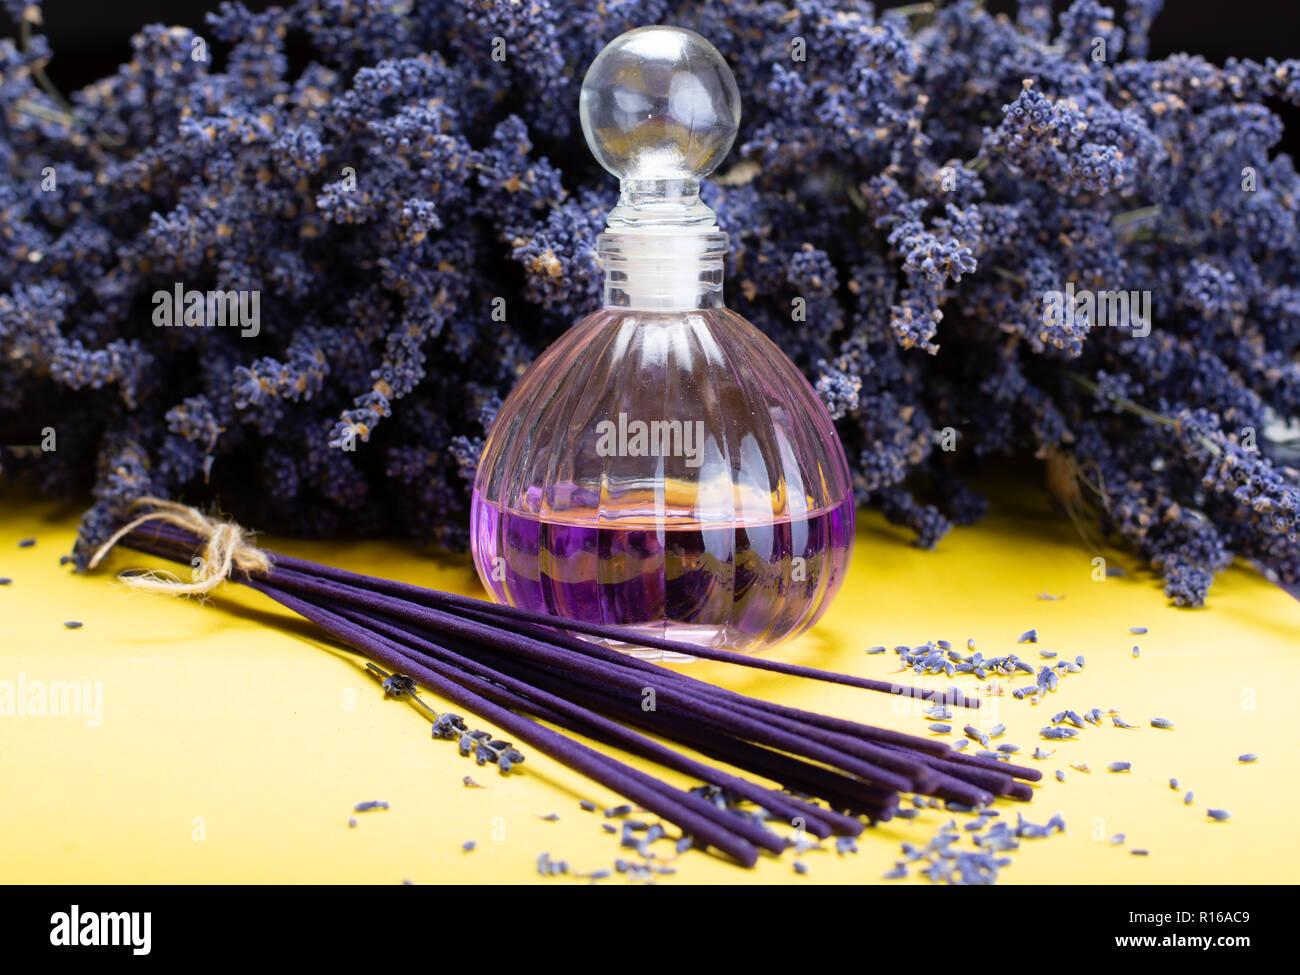 Aromaterapia Camera Da Letto sano naturale aromaterapia e profumata, viola lavanda